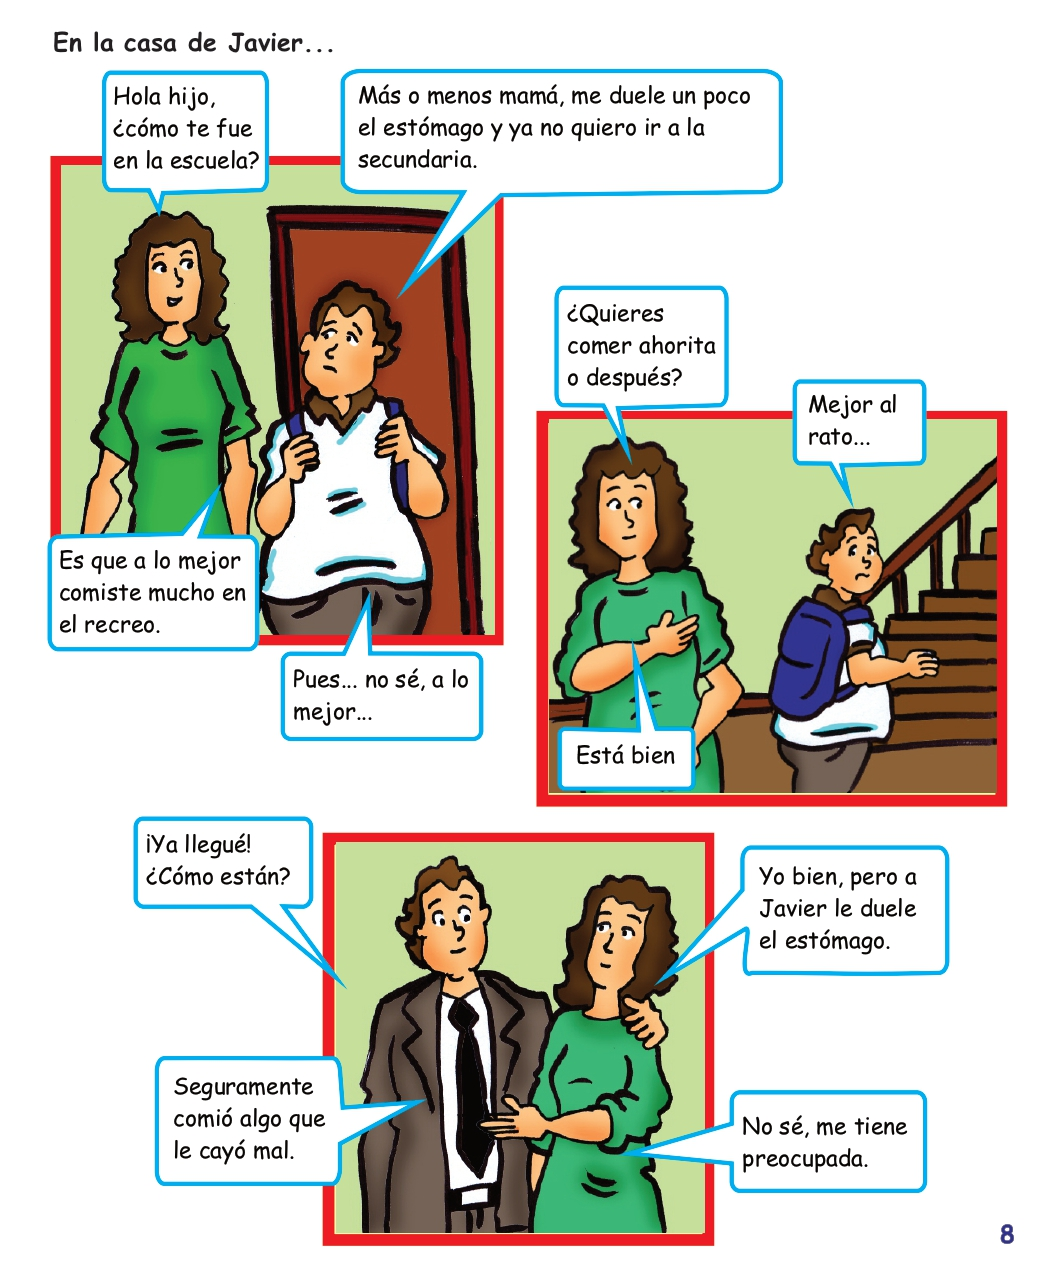 Psicología adolescentes Reyhan cap3 digital_page-0011